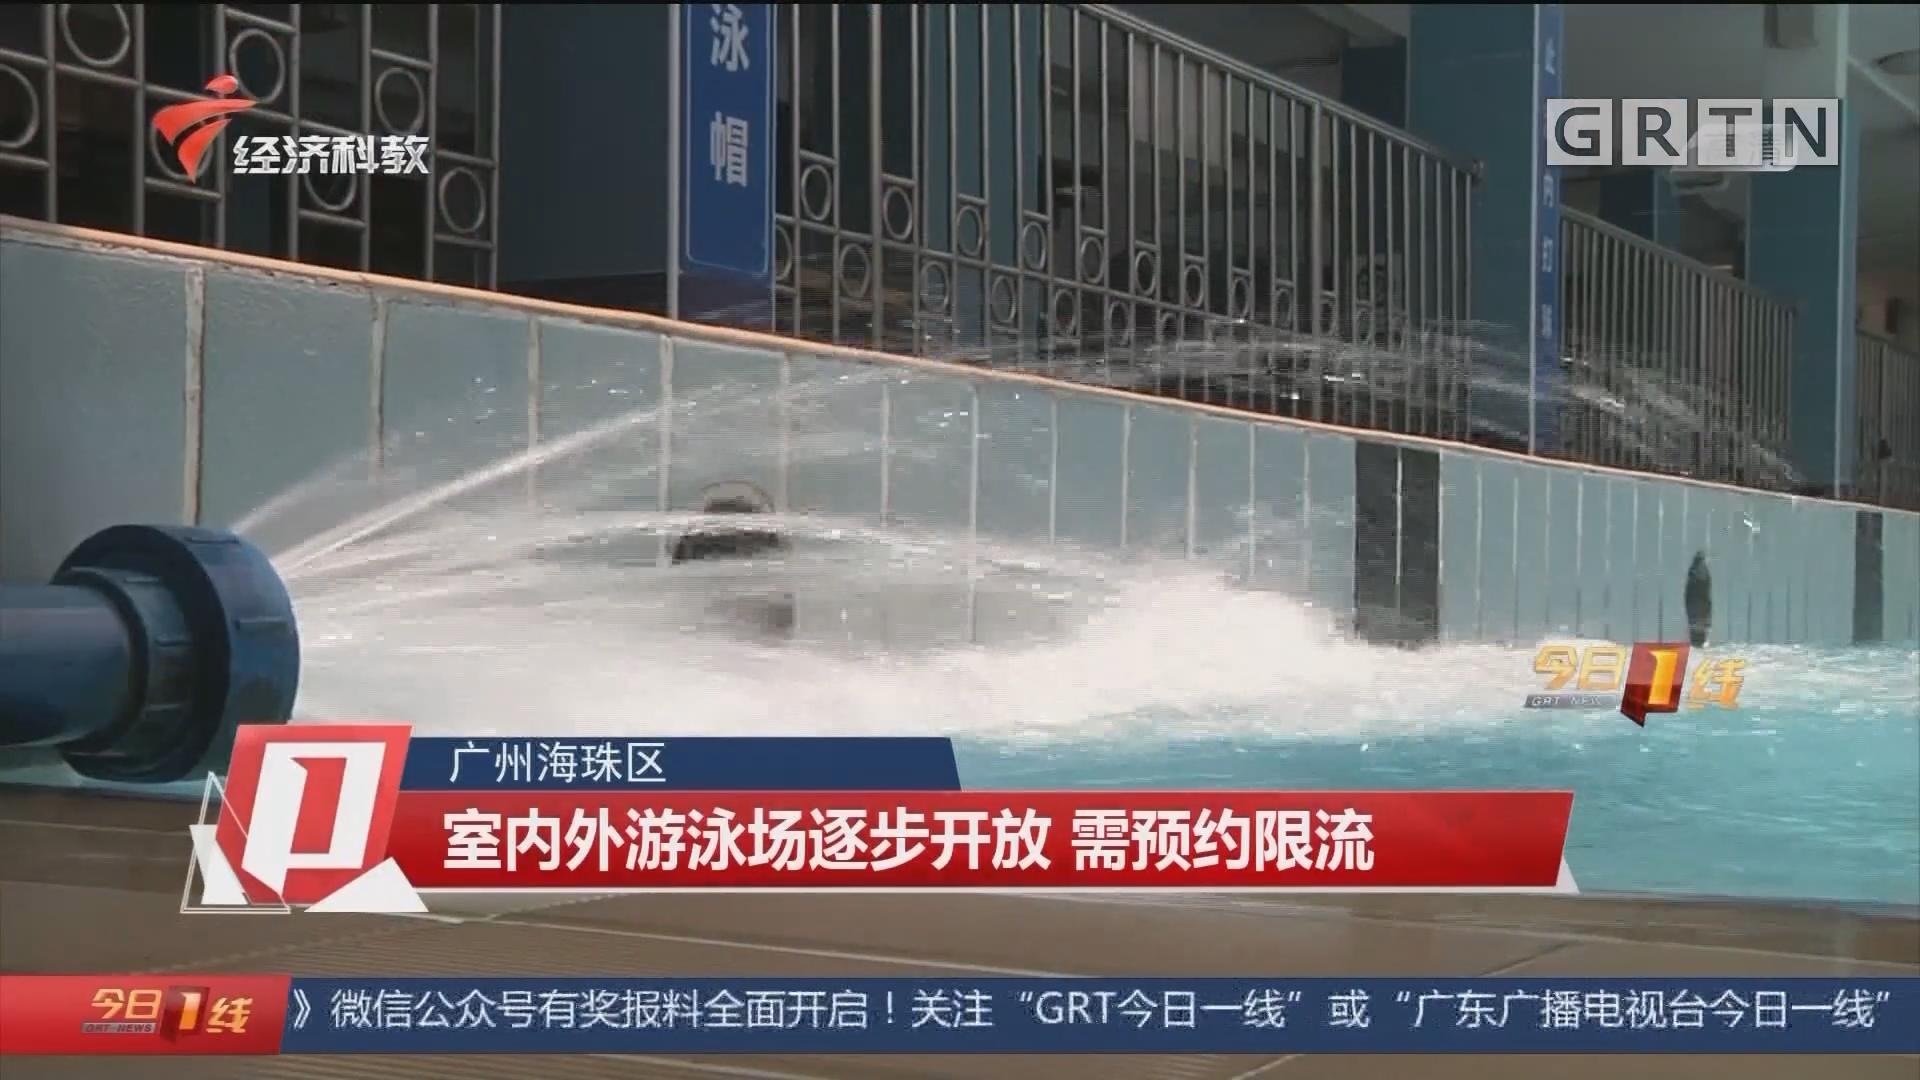 广州海珠区 室内外游泳场逐步开放 需预约限流